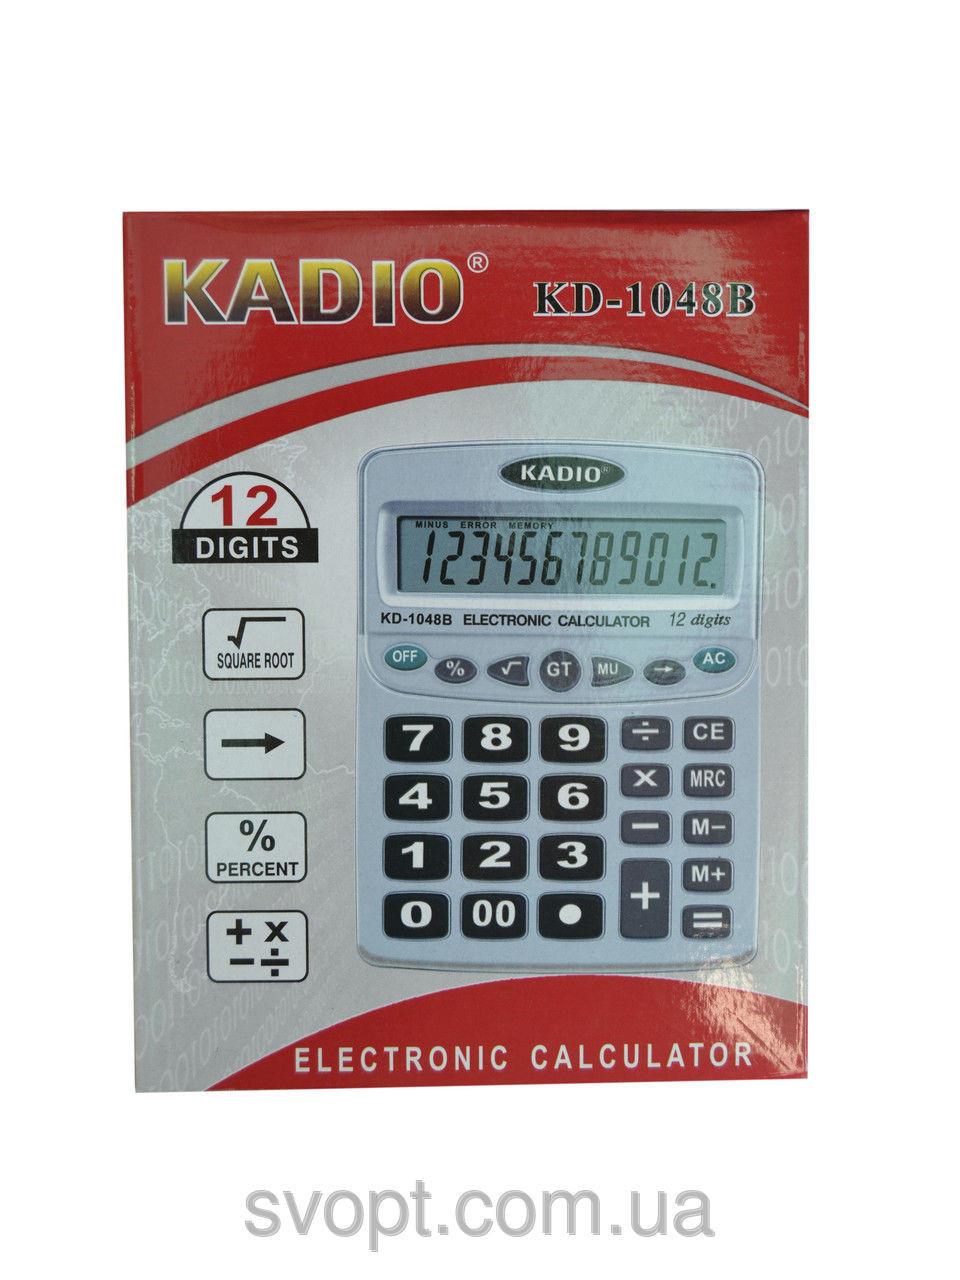 Калькулятор Kadio kd-1048b